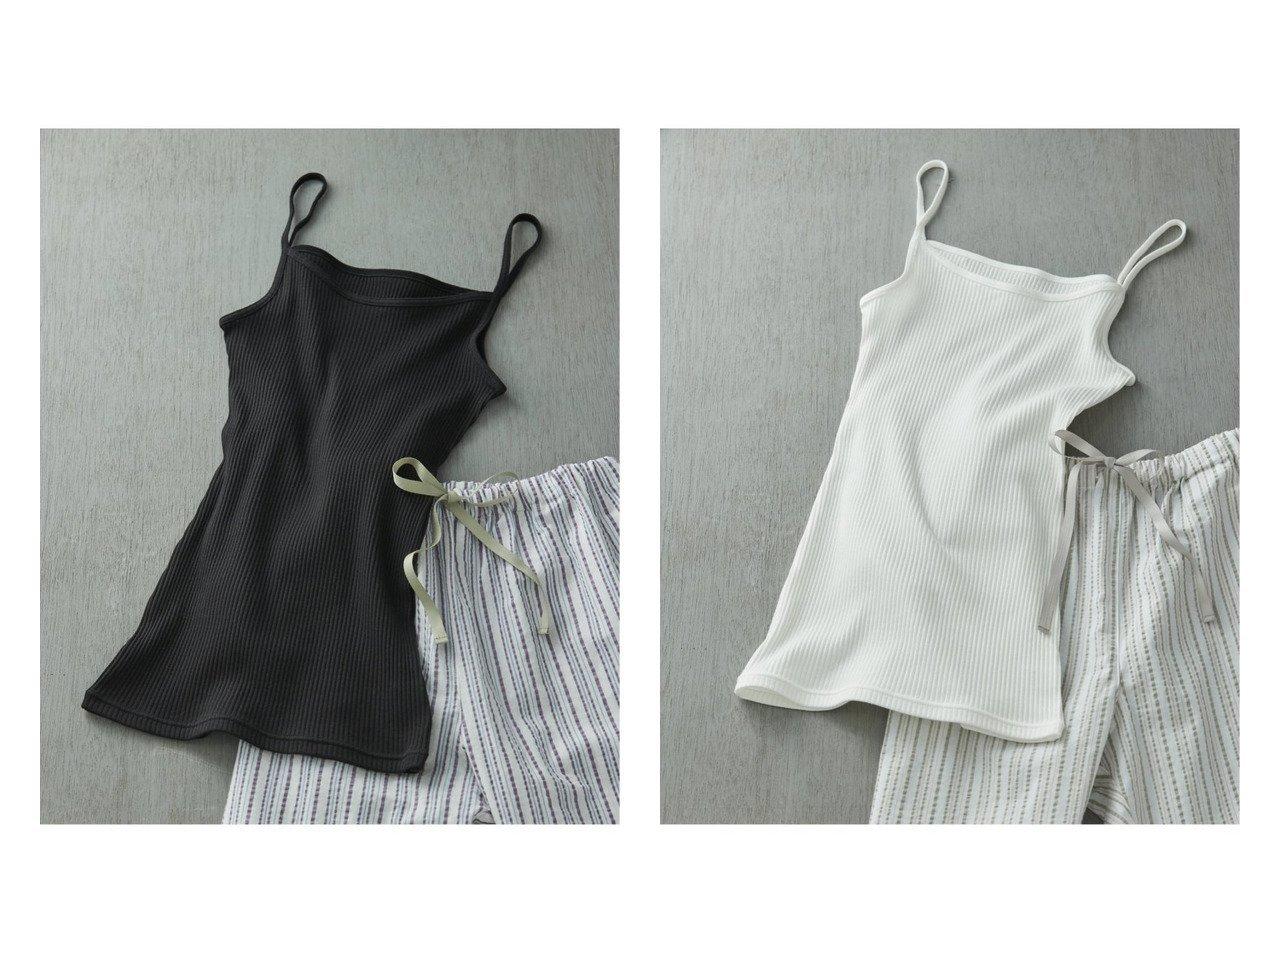 【une nana cool/ウンナナクール】のリブ編みコットン キャミソール おすすめ!人気、トレンド・レディースファッションの通販 おすすめで人気の流行・トレンド、ファッションの通販商品 インテリア・家具・メンズファッション・キッズファッション・レディースファッション・服の通販 founy(ファニー) https://founy.com/ ファッション Fashion レディースファッション WOMEN トップス・カットソー Tops/Tshirt キャミソール / ノースリーブ No Sleeves インナー キャミソール シンプル トレンド ラップ |ID:crp329100000064057